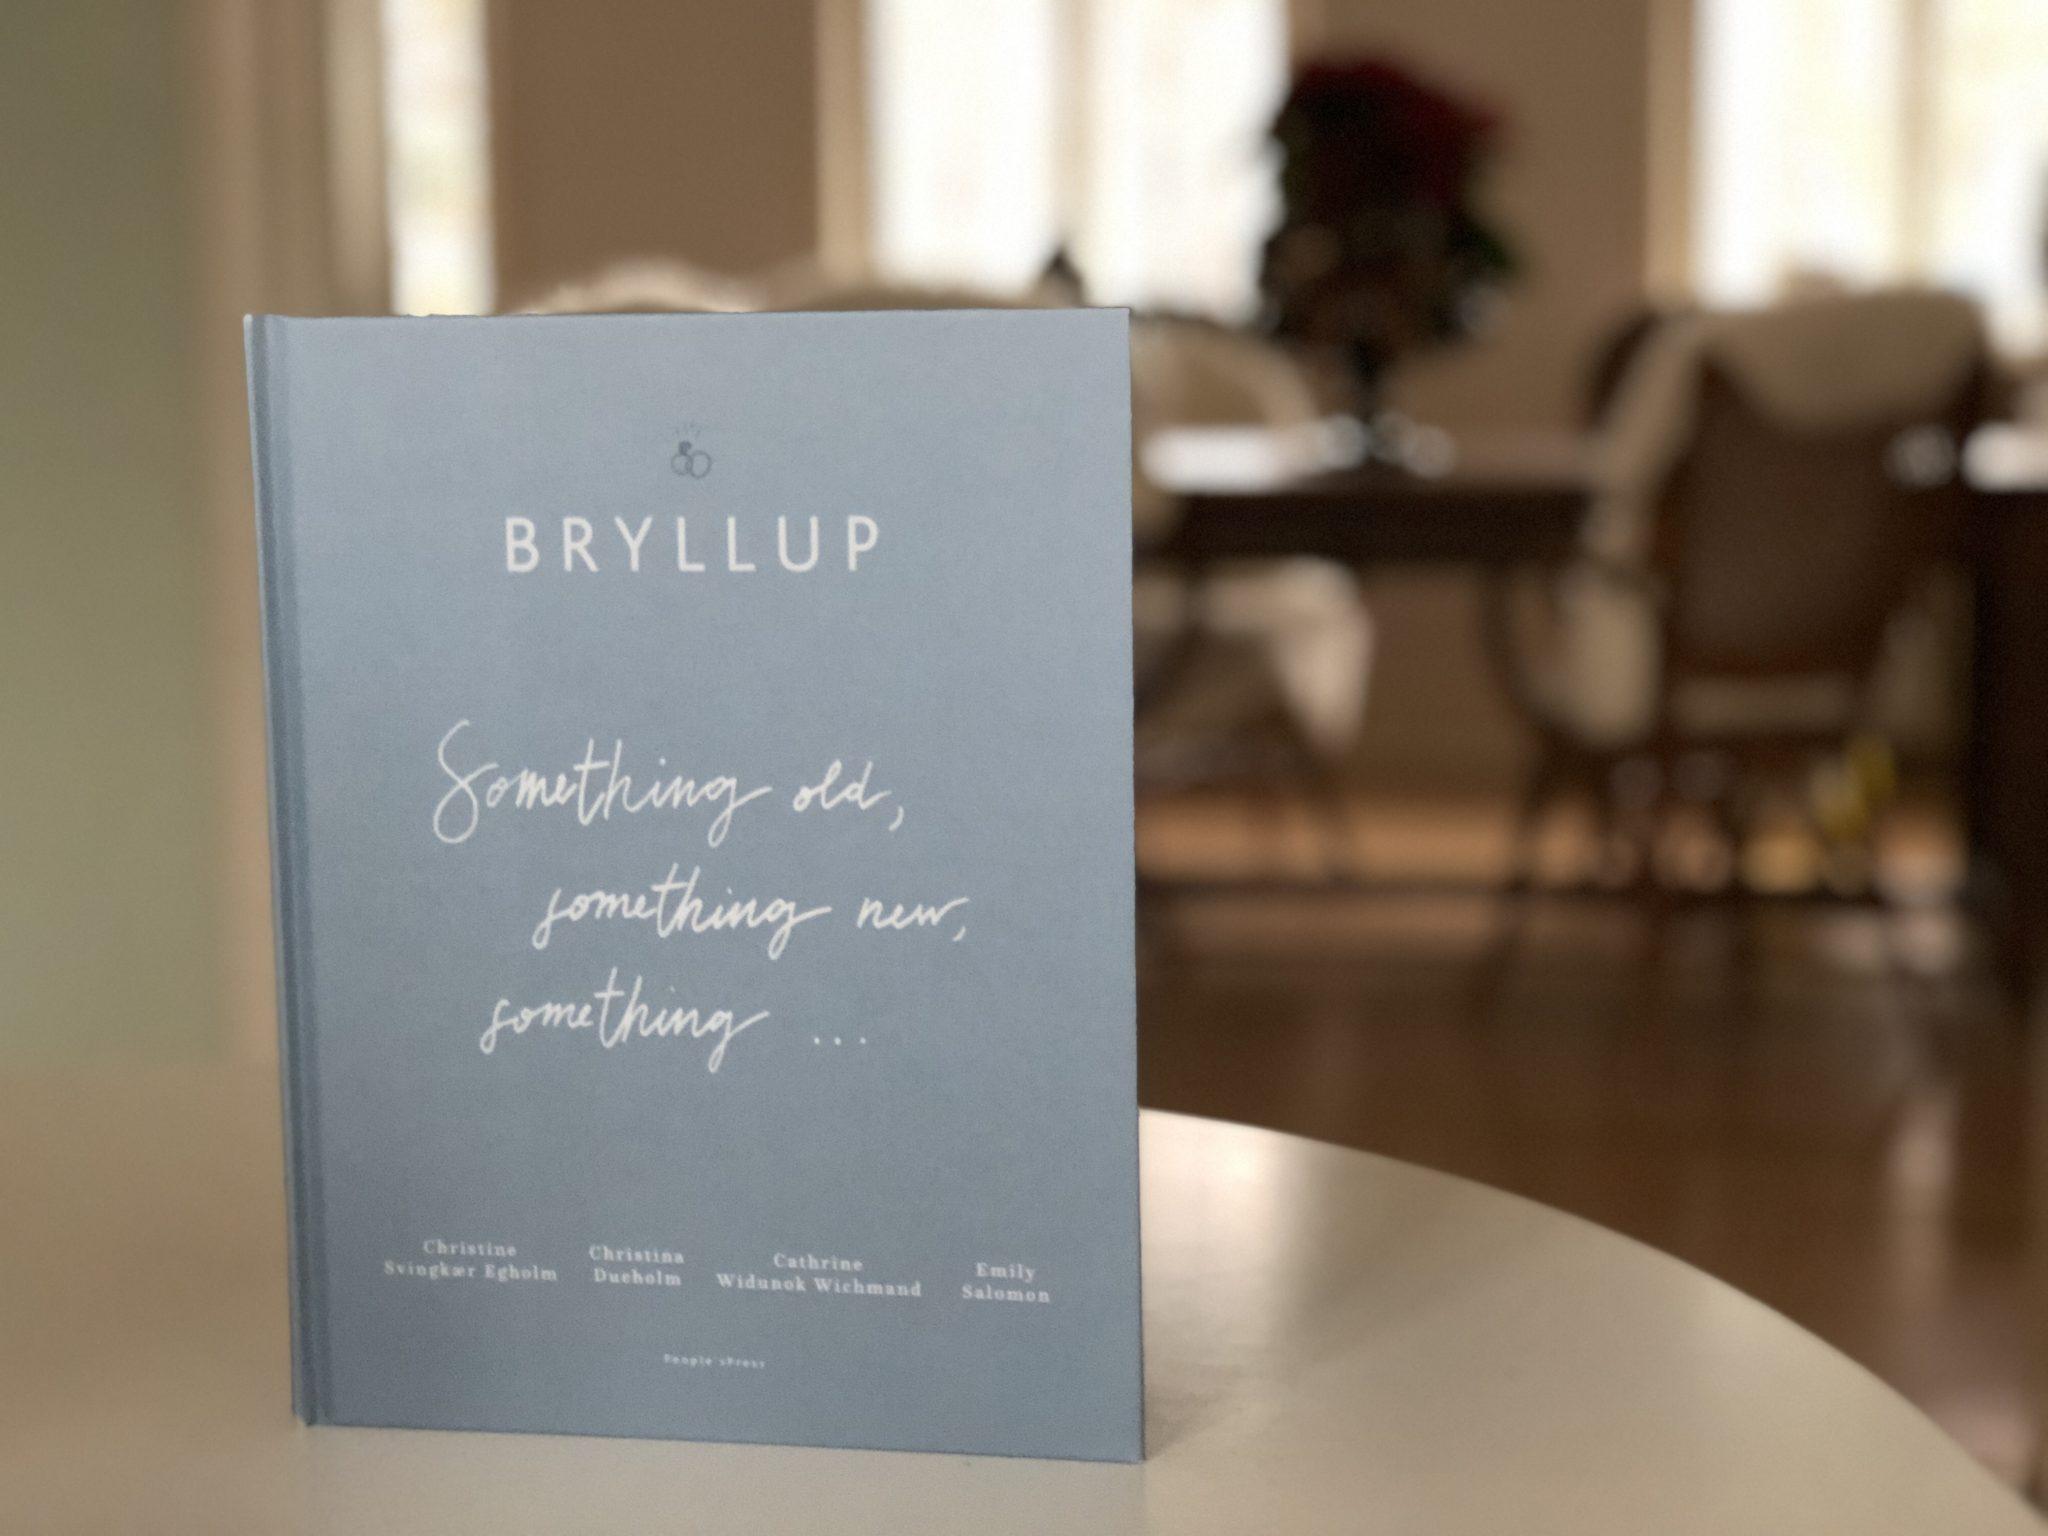 d311a817aba7 Emily havde det mest gennemførte boho bryllup i en rå værkstedshal på  Refshaleøen i København med udendørs vielse og fest under kulørte lanper  til den lyse ...